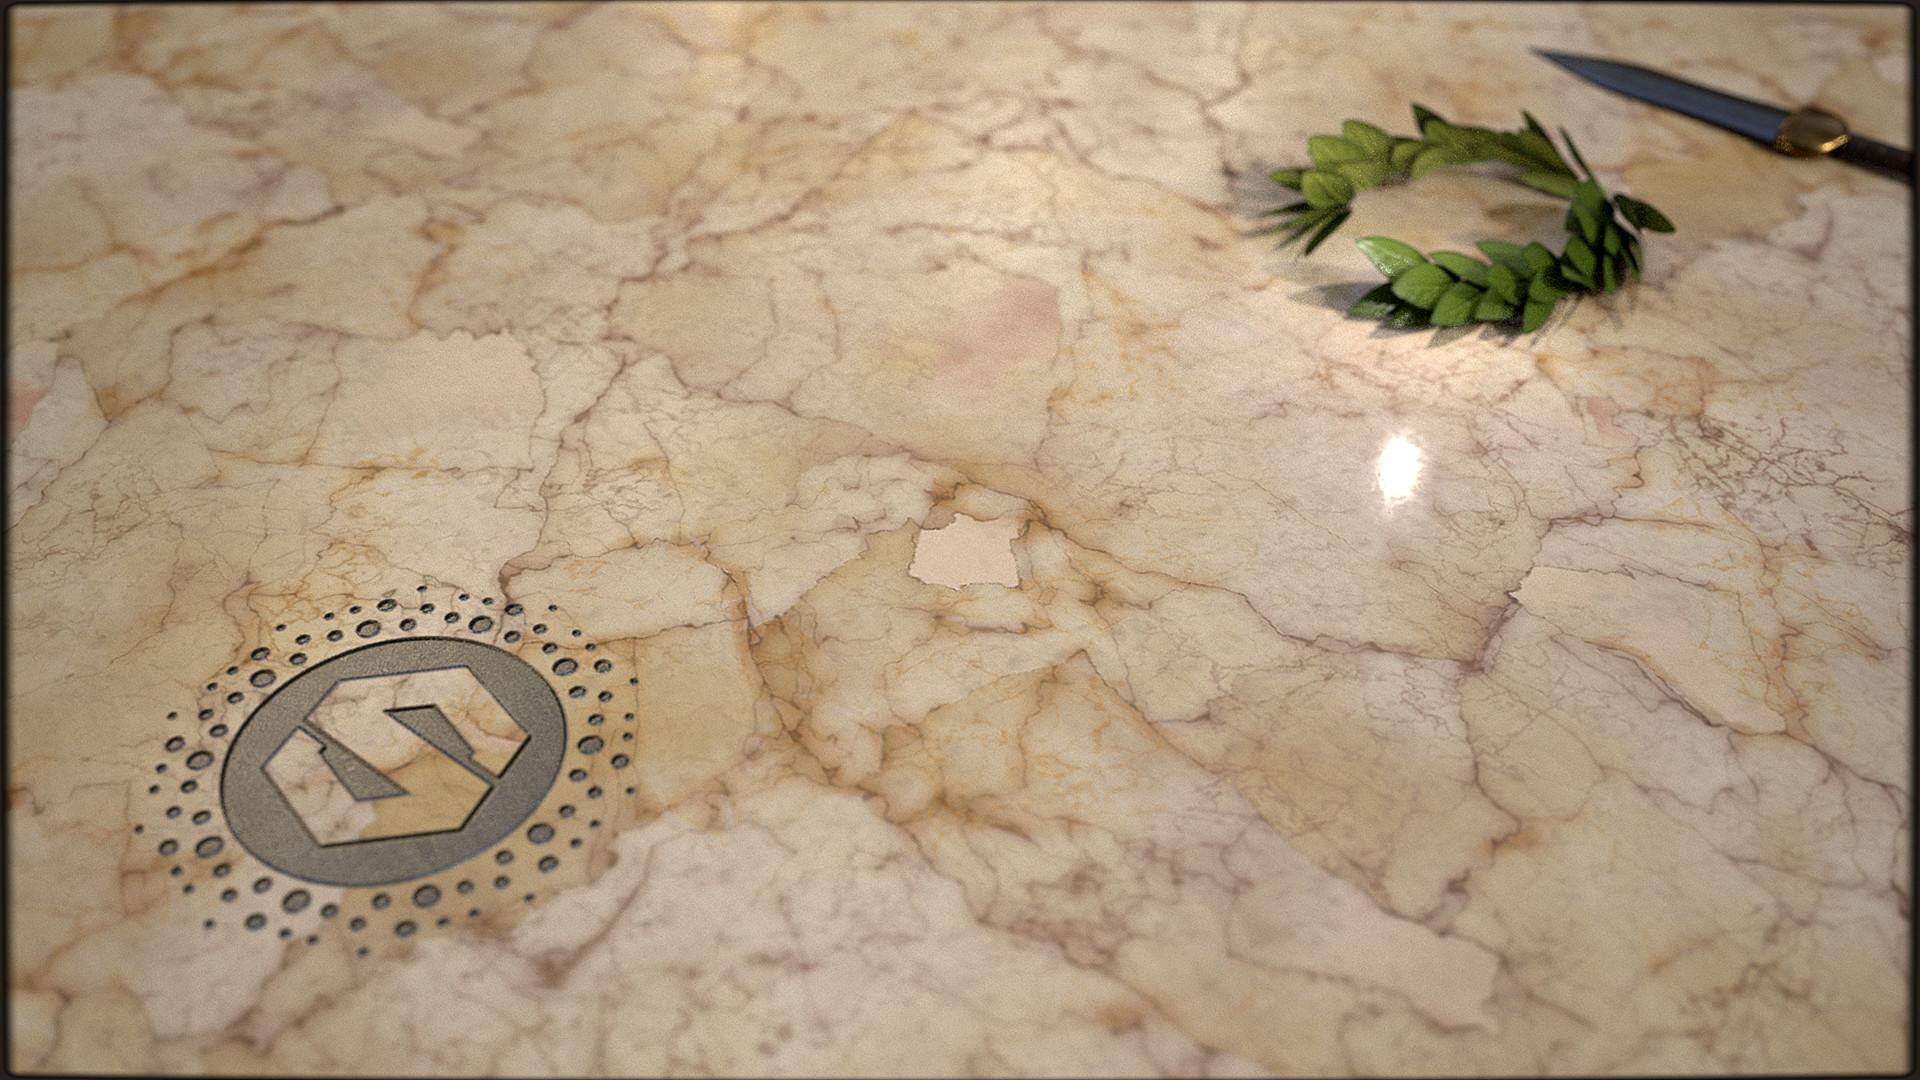 ArtStation - Marbles Substances - Made for Substance Source, Elouan